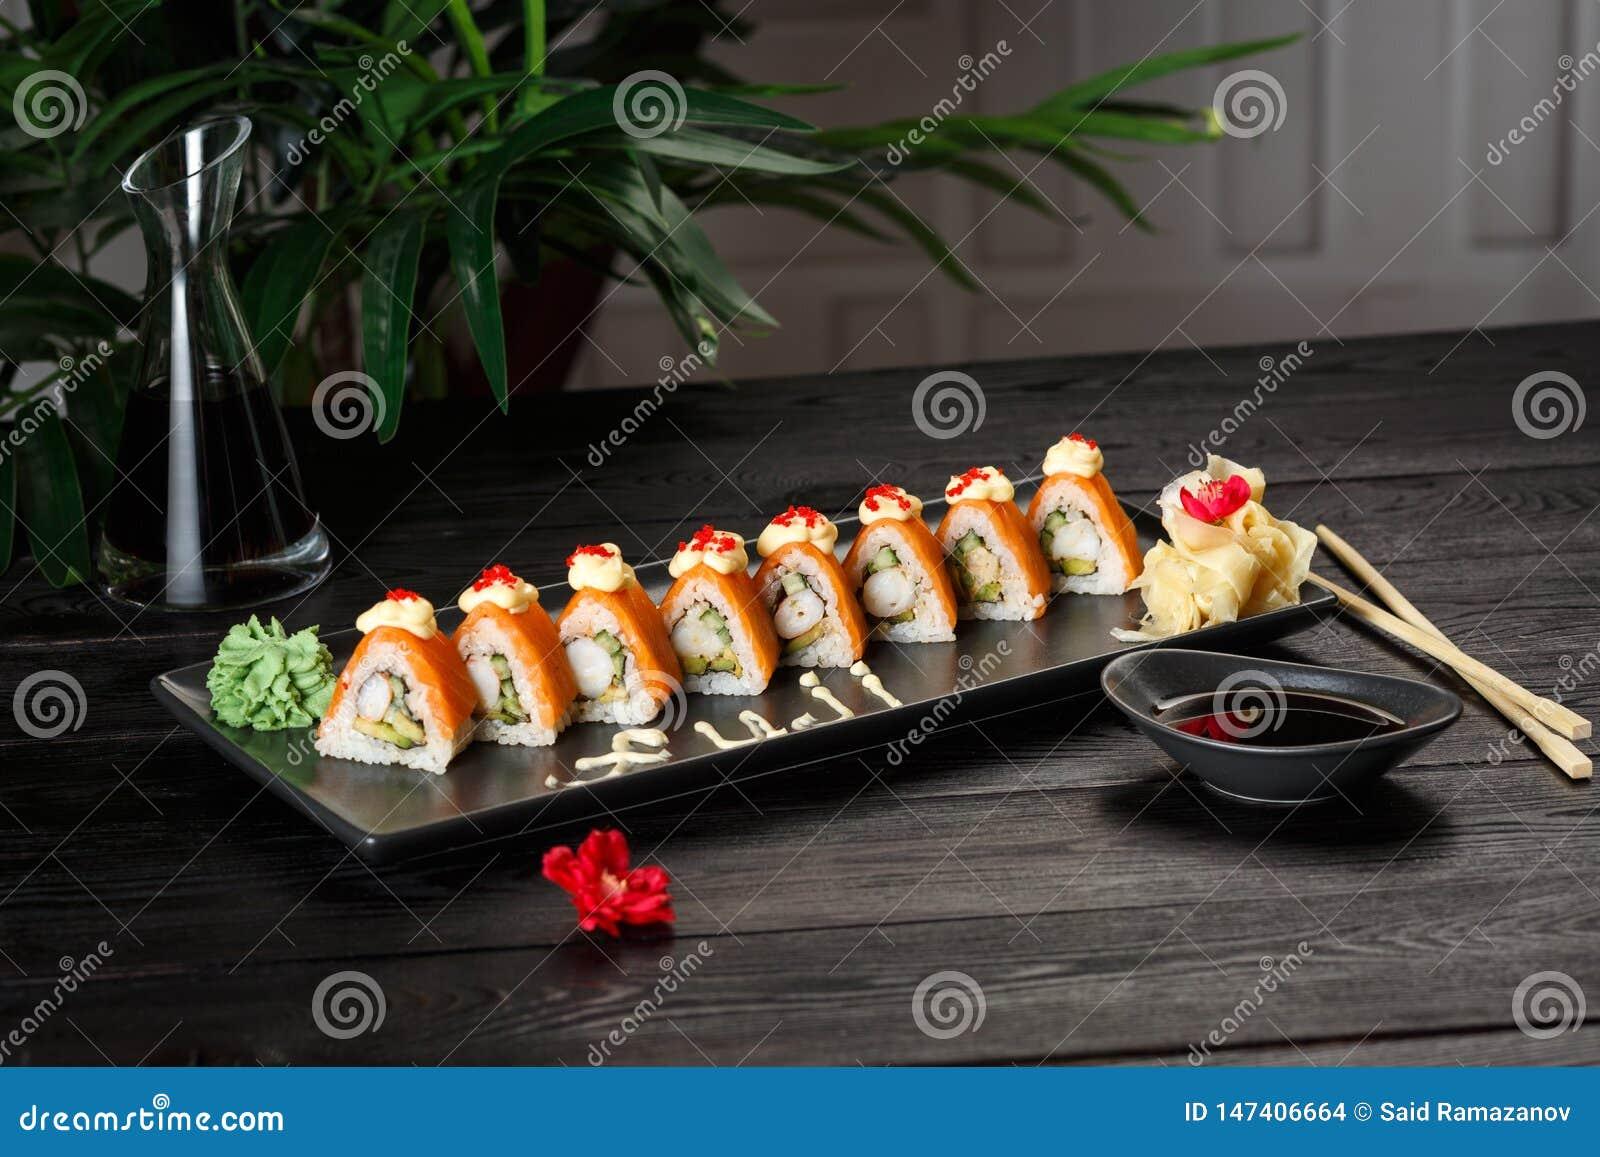 Set Fuji rolki na czarnym talerzu na czarnym drewnianym tle